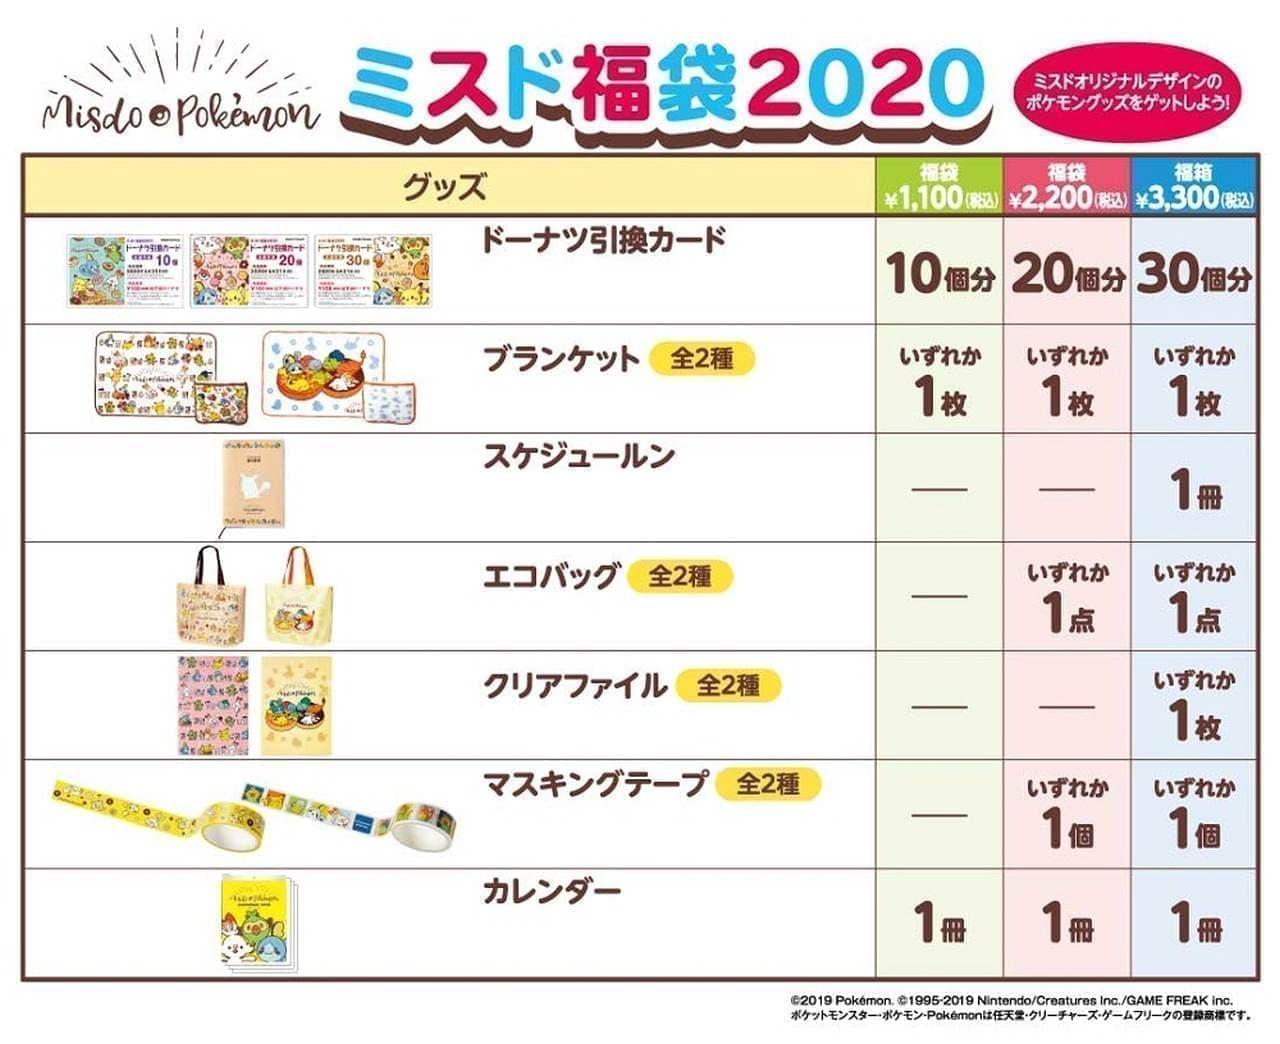 ミスタードーナツ「ミスド福袋2020」